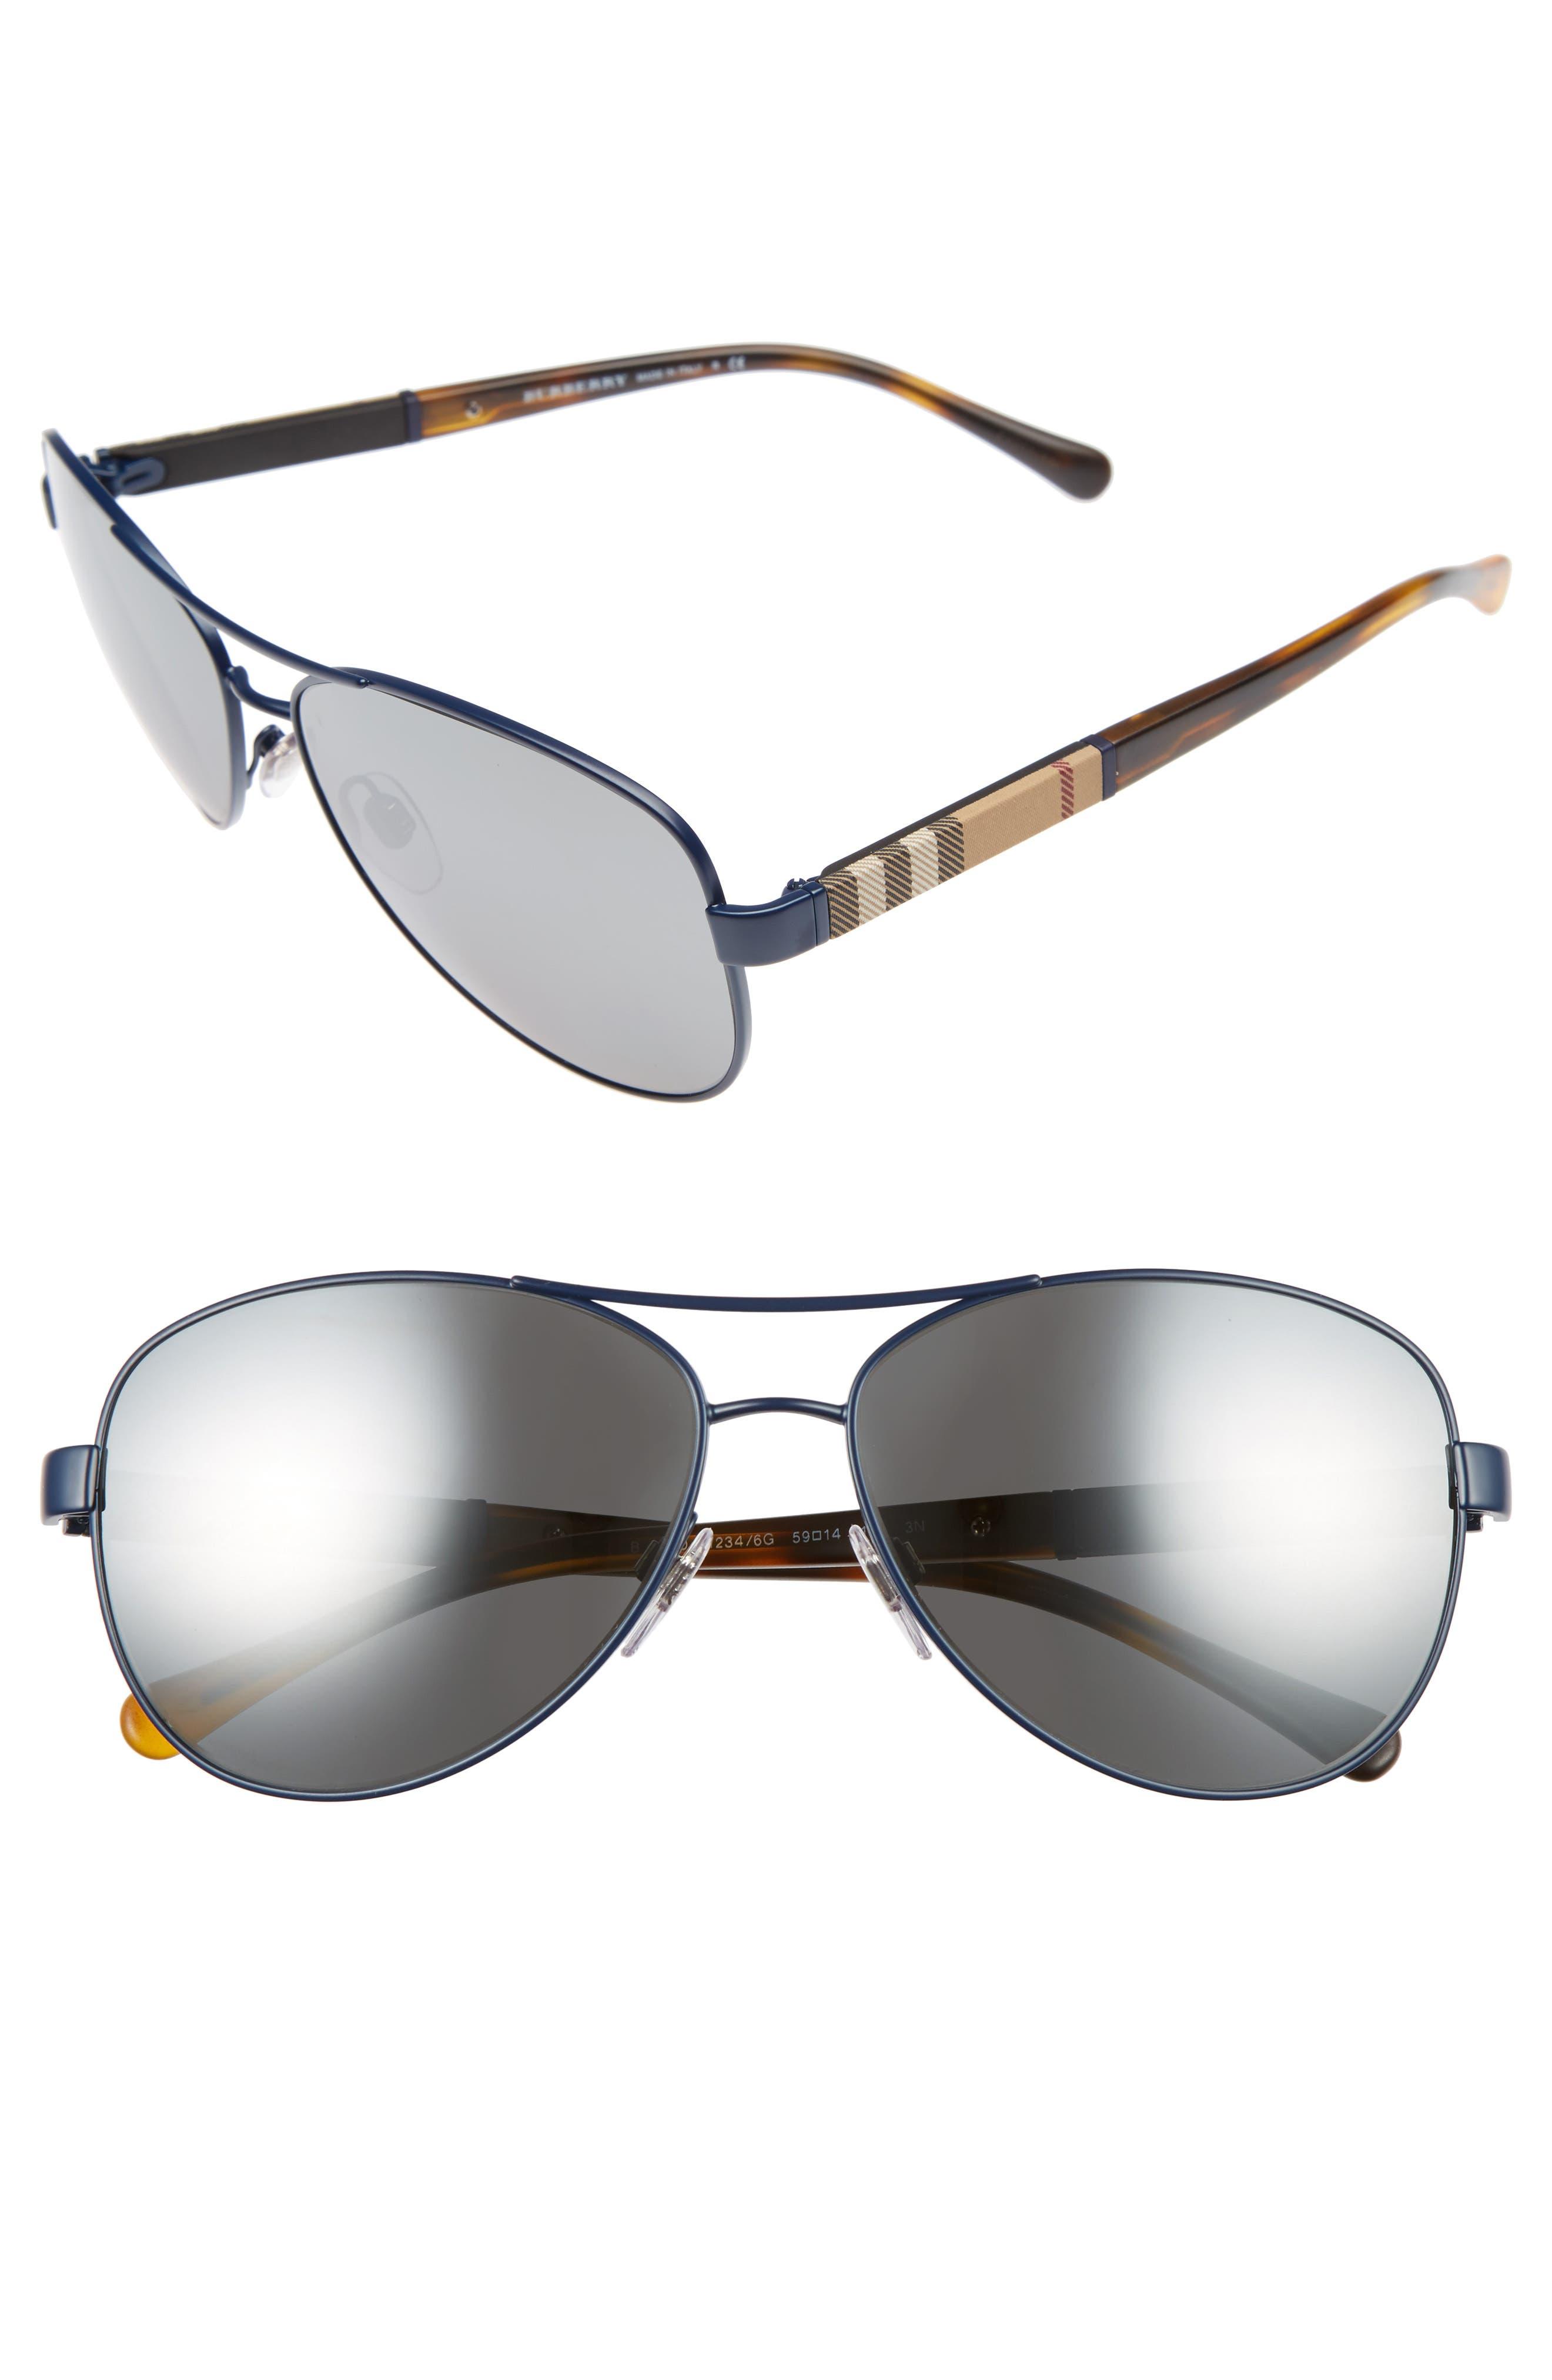 Burberry 59mm Mirrored Aviator Sunglasses